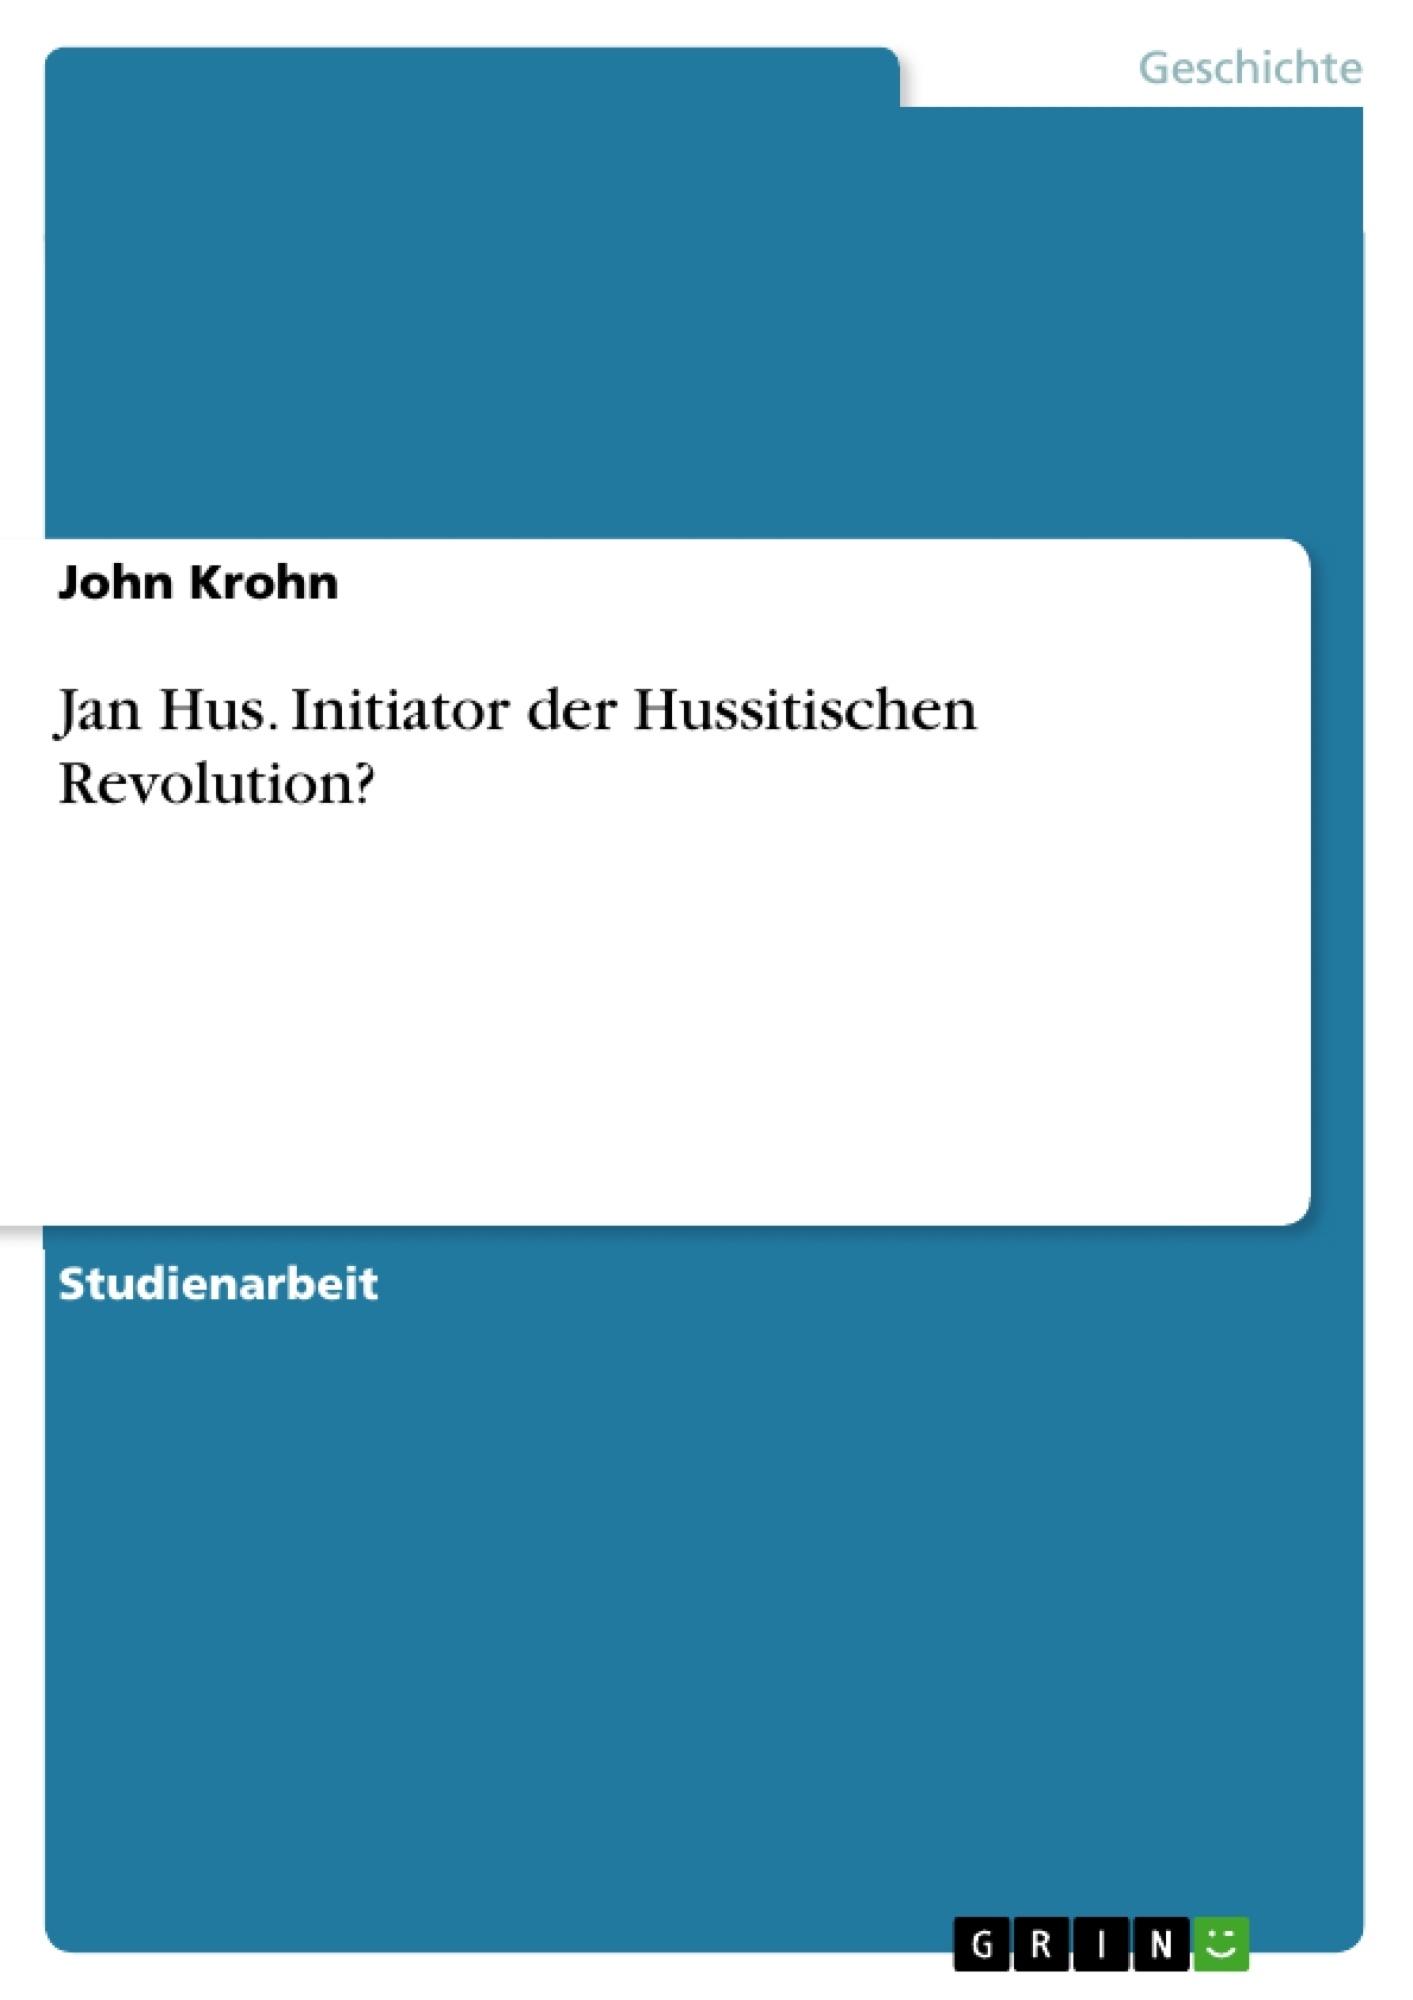 Titel: Jan Hus. Initiator der Hussitischen Revolution?